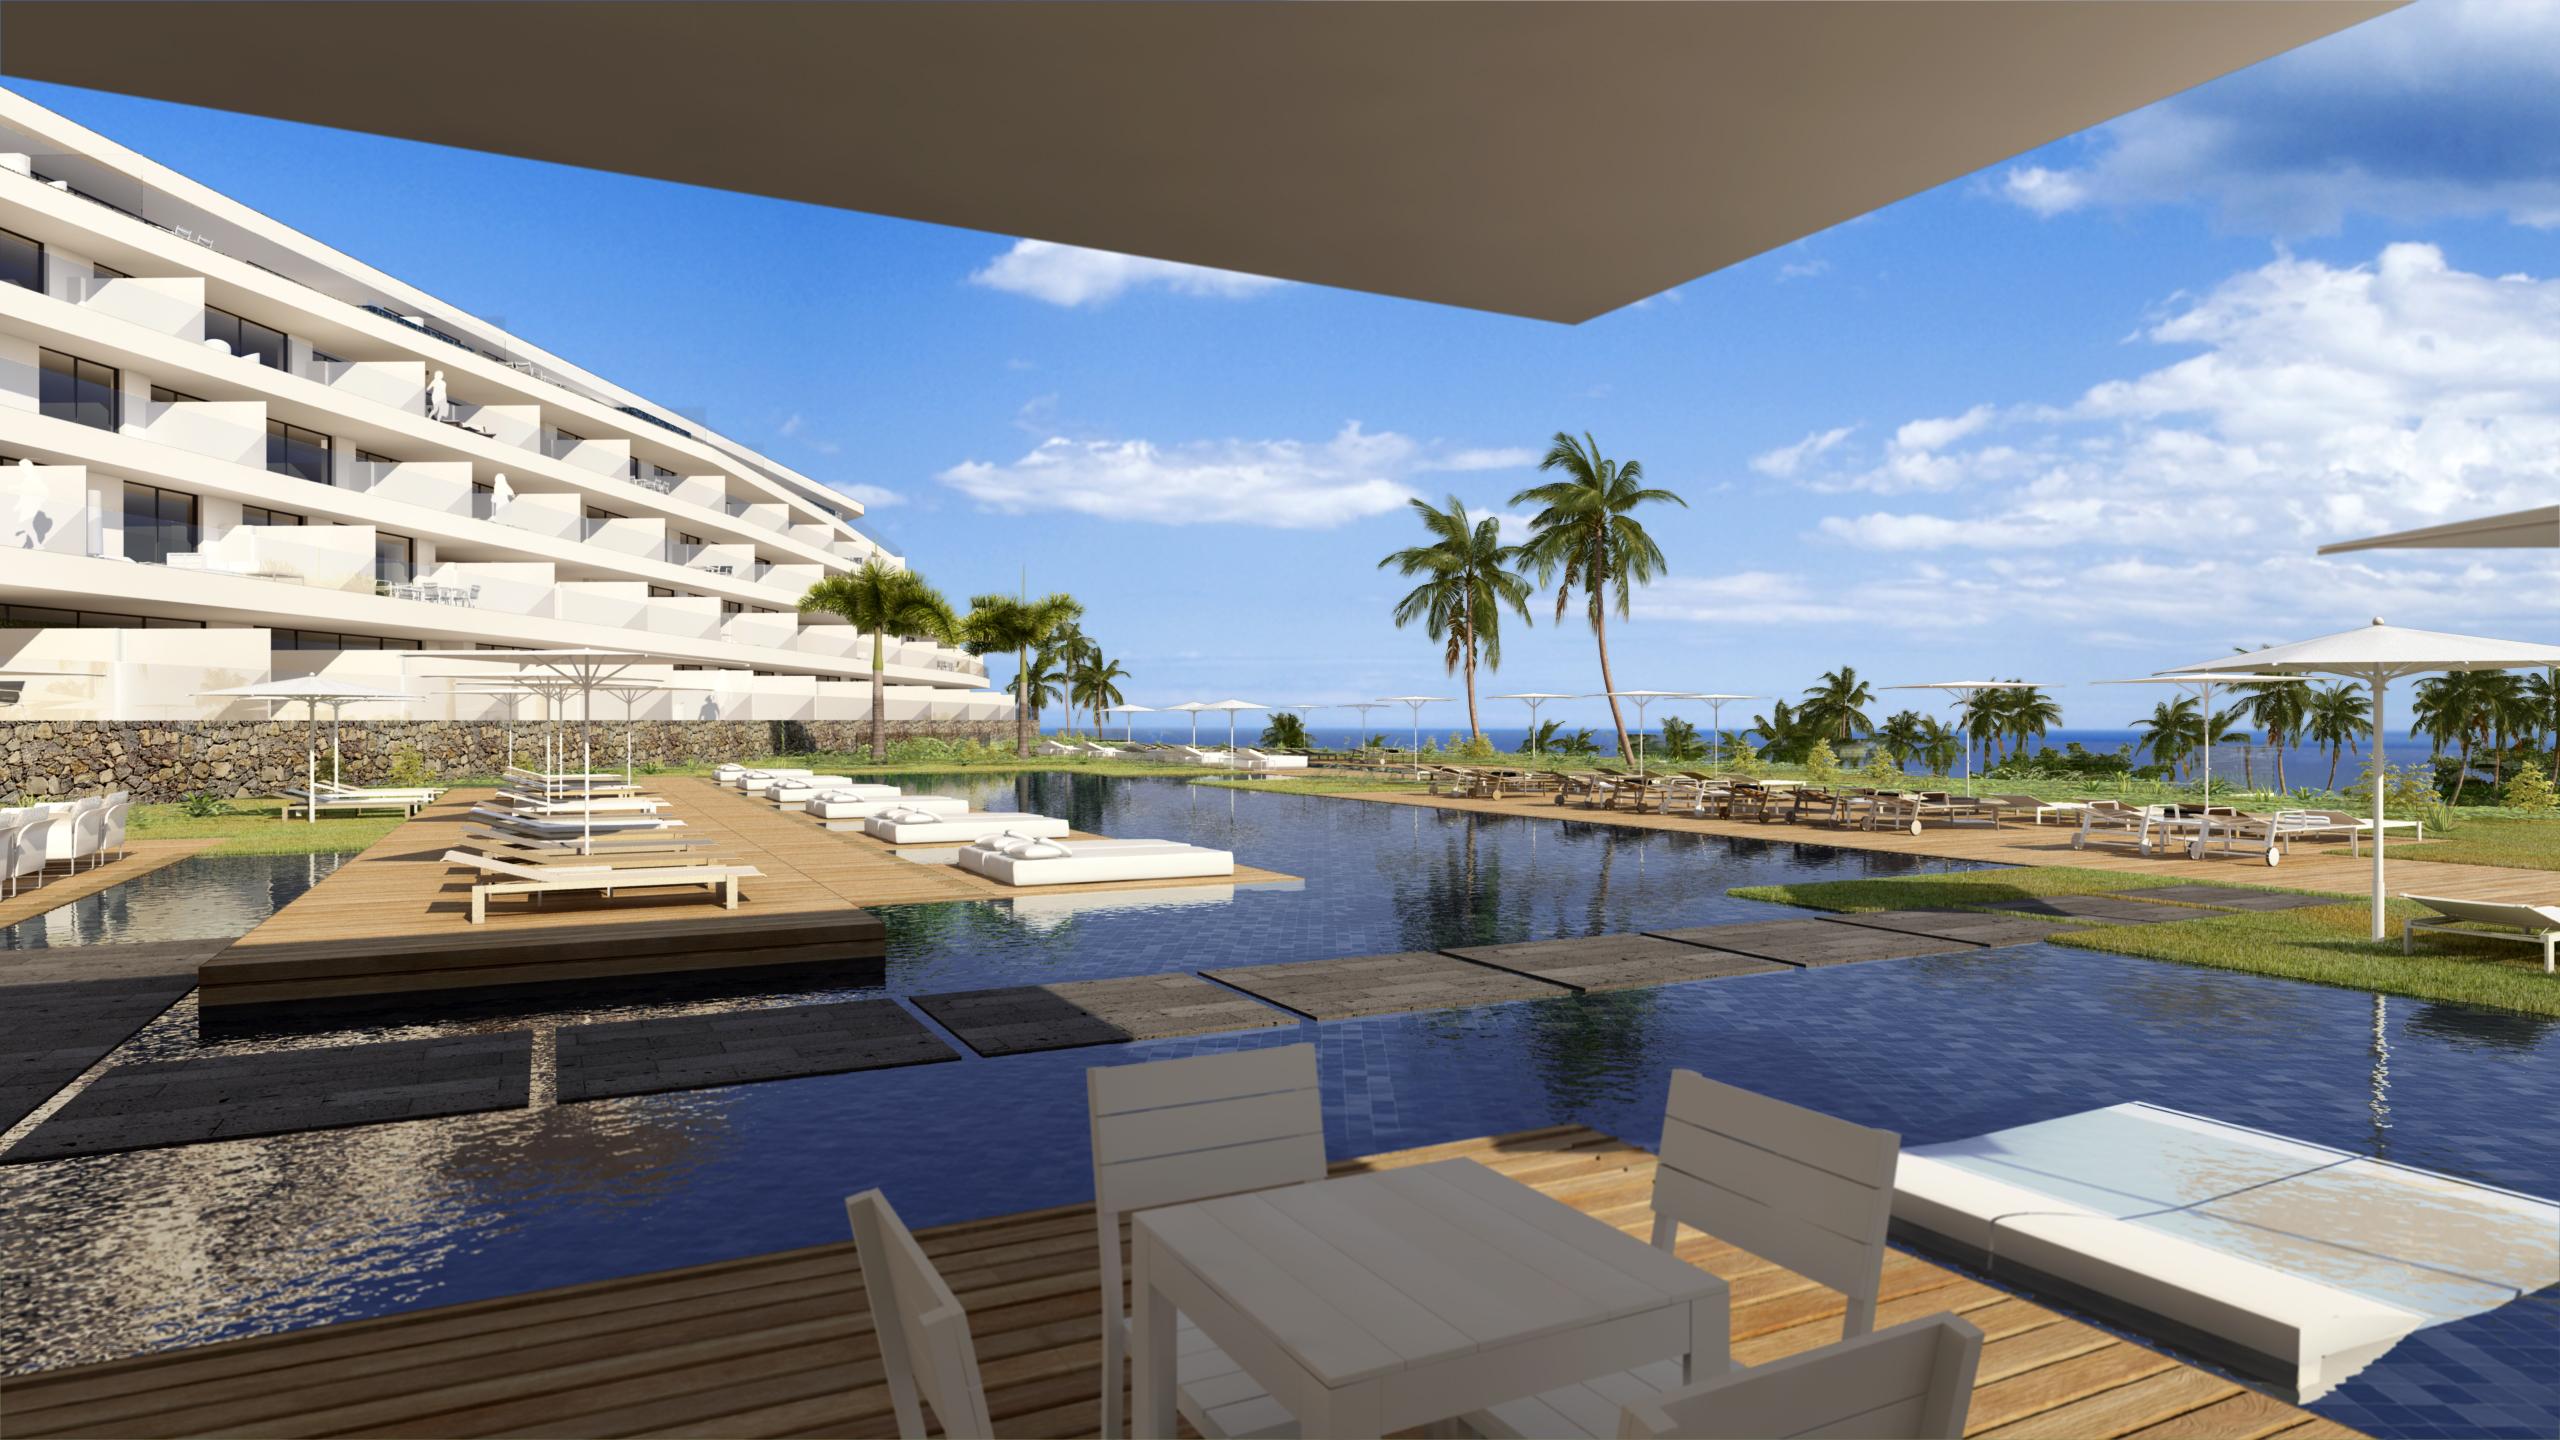 Apartment for Sale at Corales Suites Resort Avenida de las Gaviotas La Caleta, Tenerife Canary Islands 38660 Spain